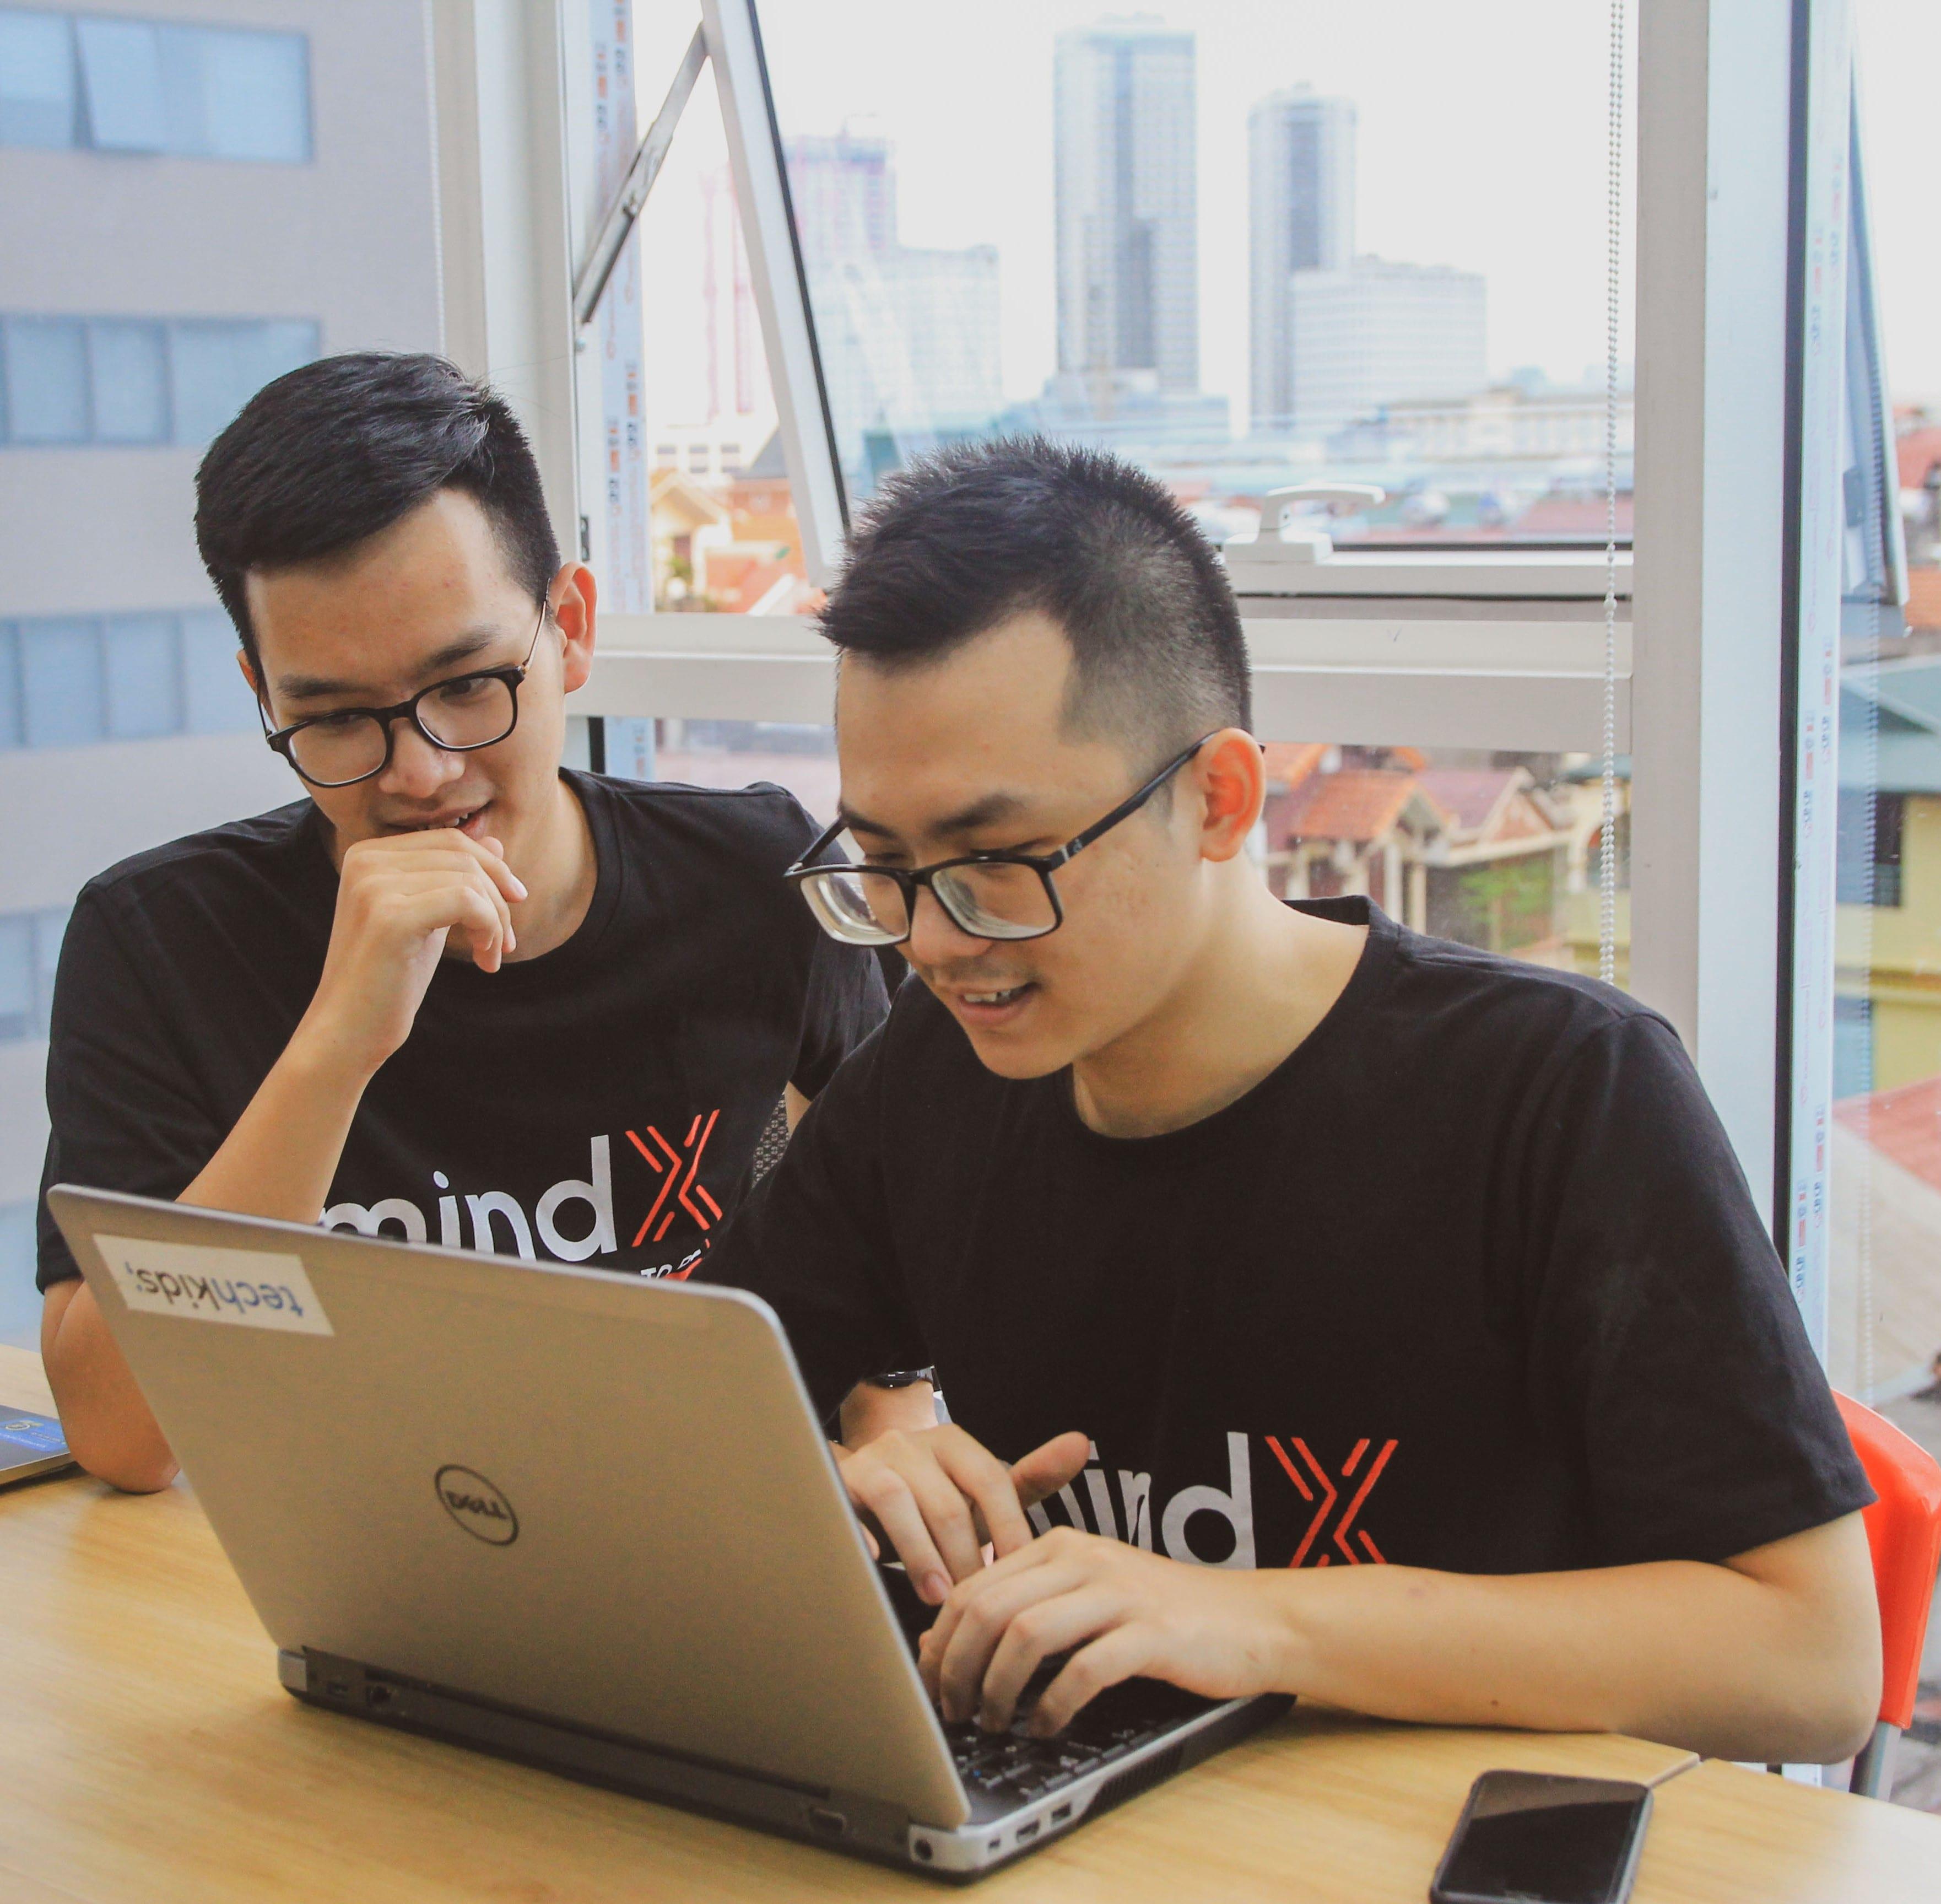 3. Lớp học lập trình web chuyên nghiệp và bài bản tại Hà Nội